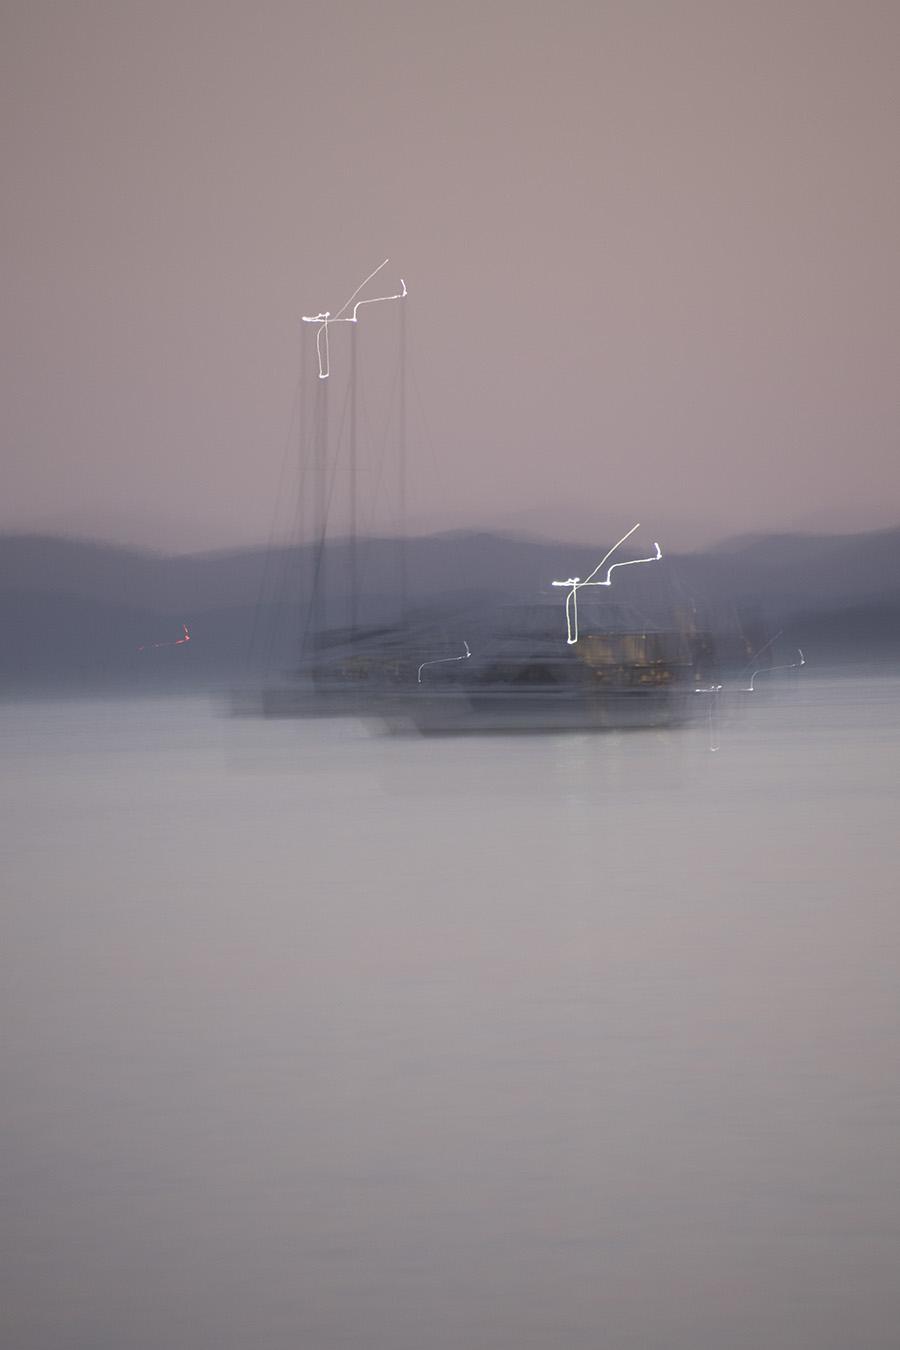 YachtOnWater 1865PacSM.jpg